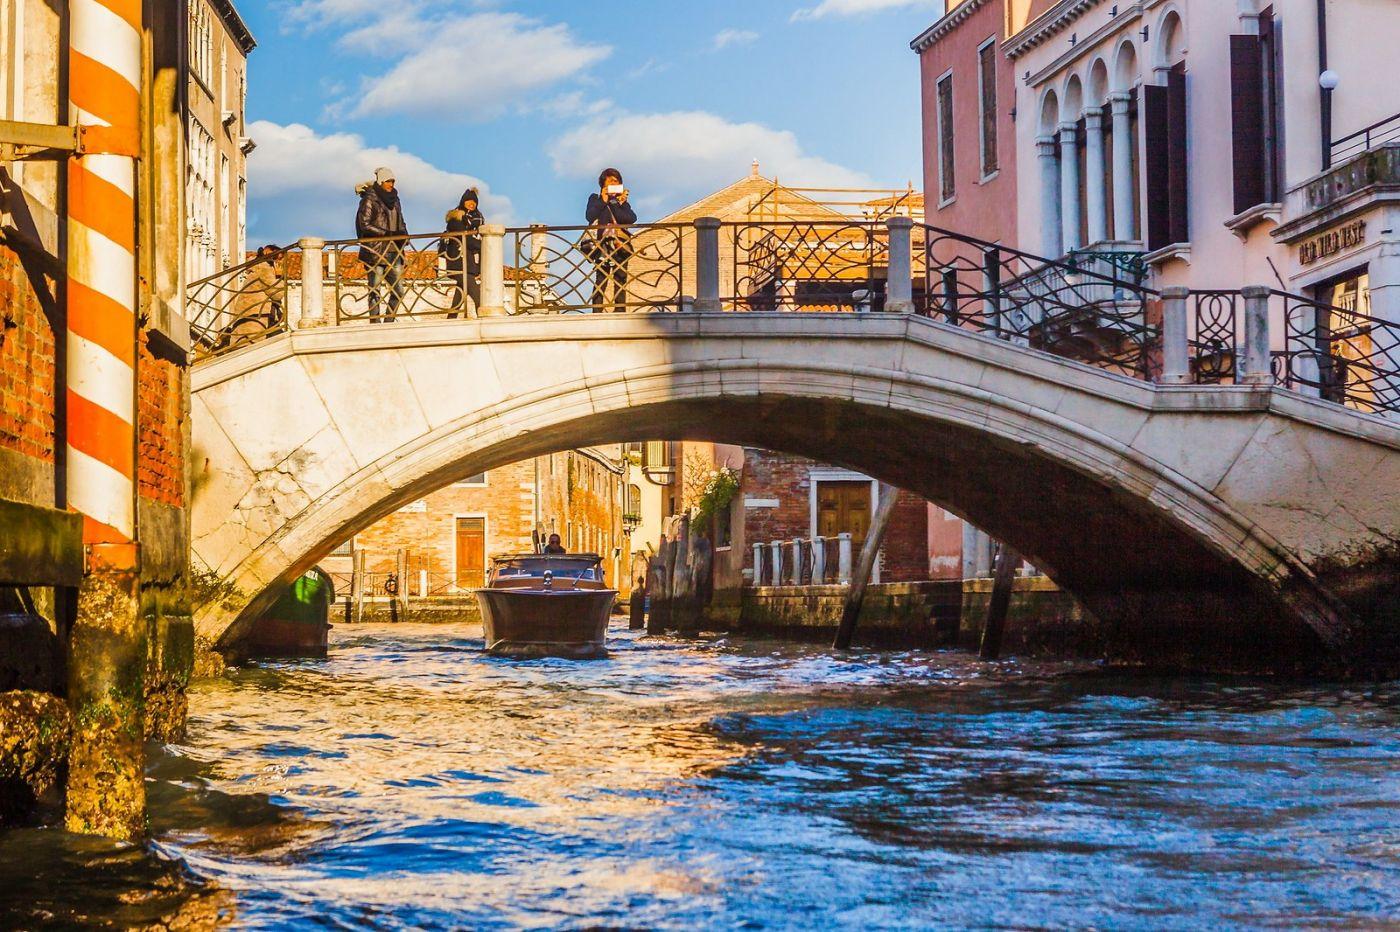 意大利威尼斯,桥的艺术_图1-9